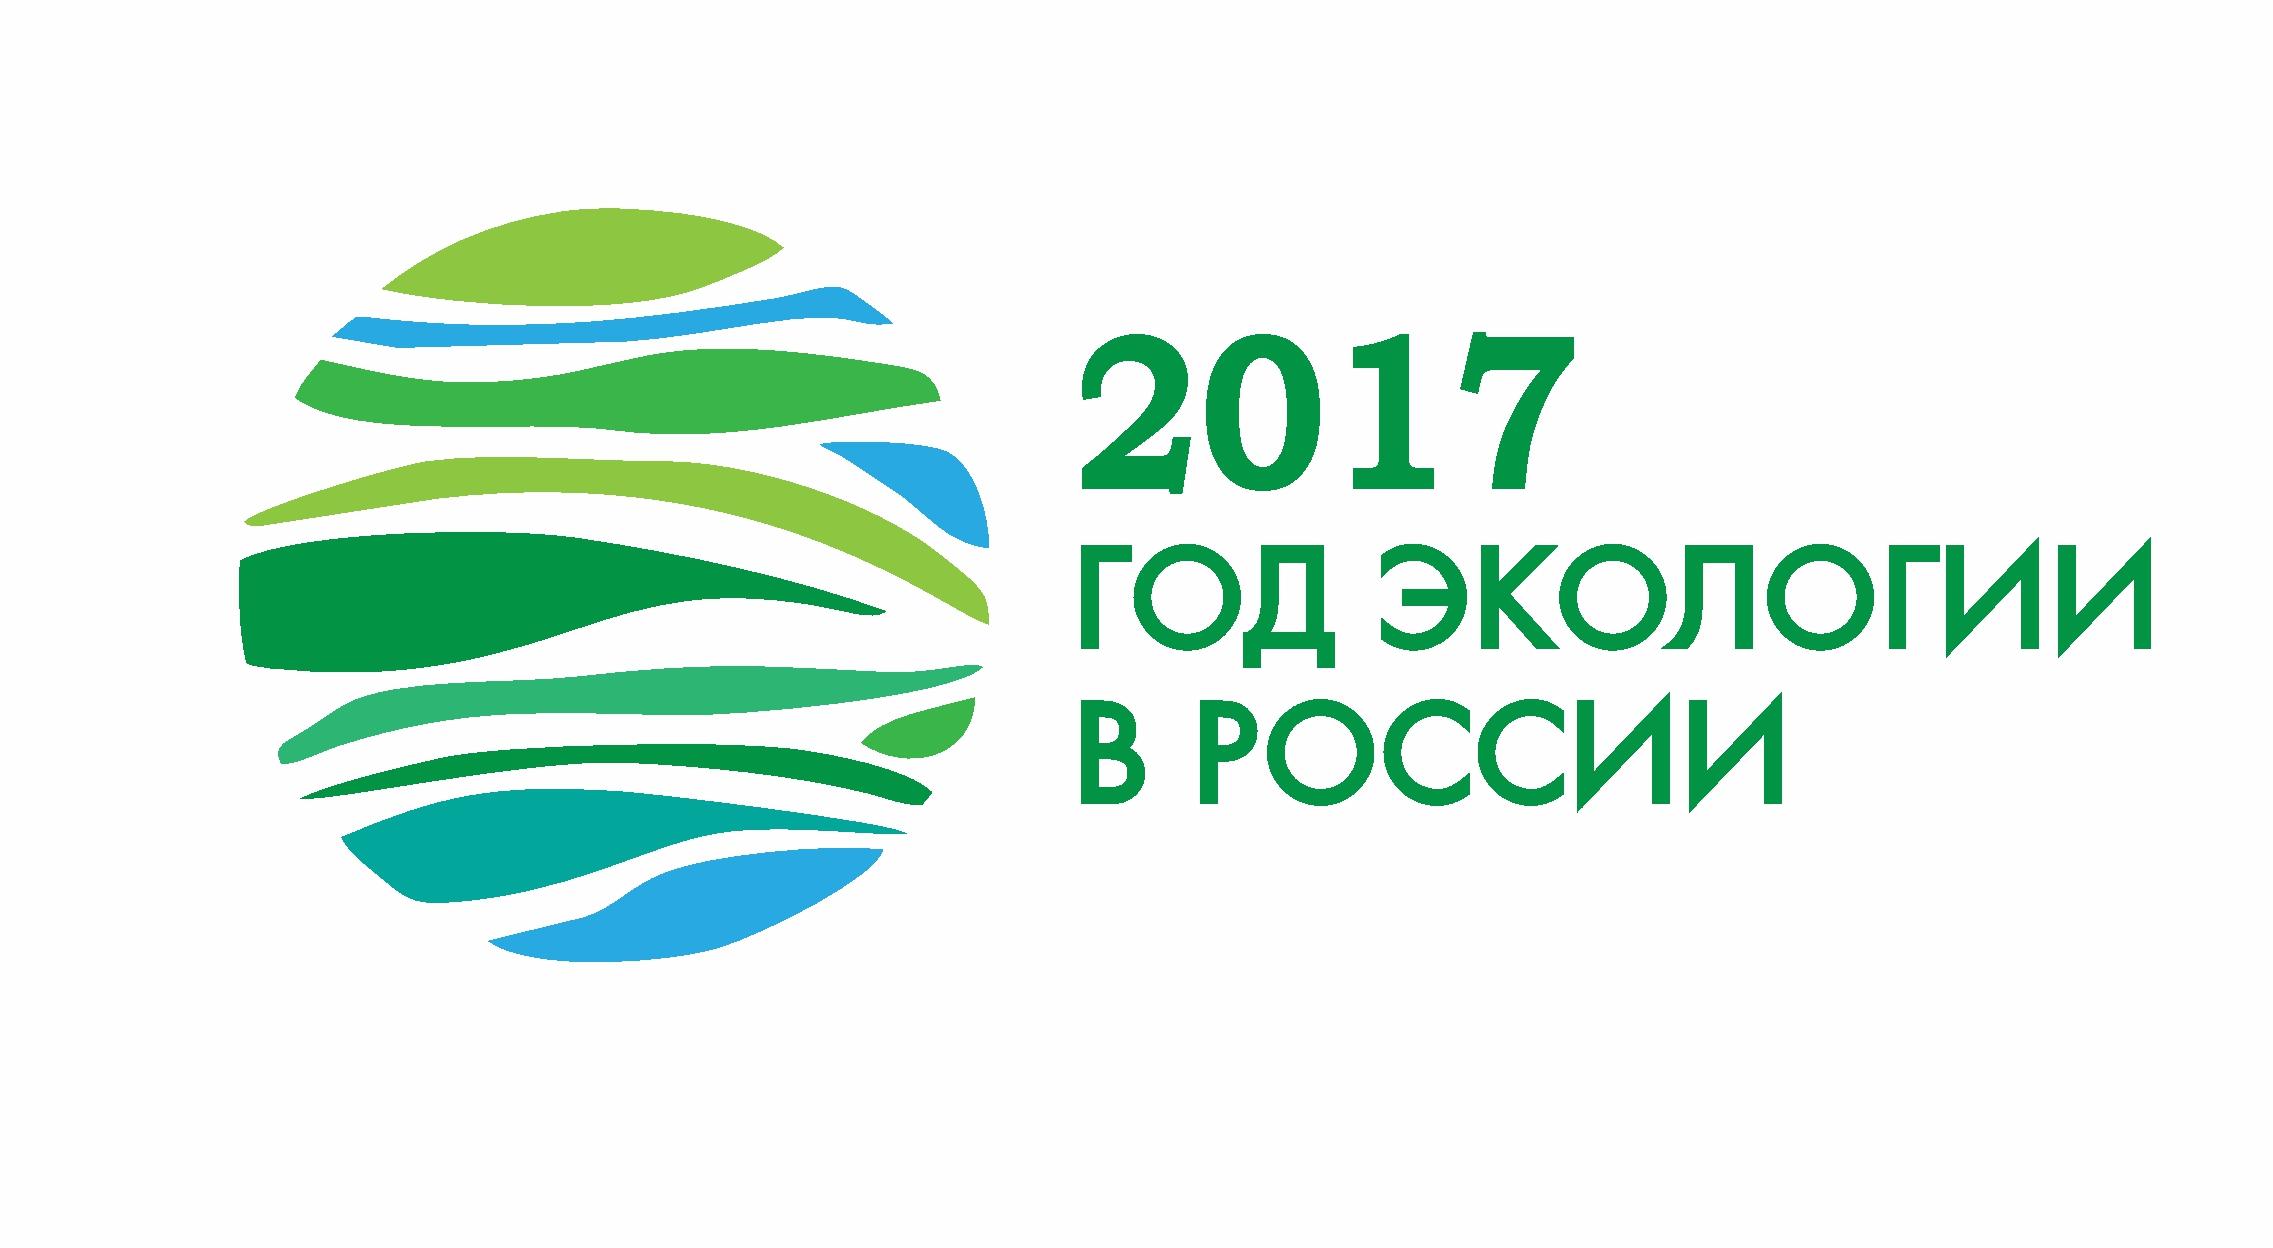 В Перми в 2017 году высадили 16,5 тысячи деревьев